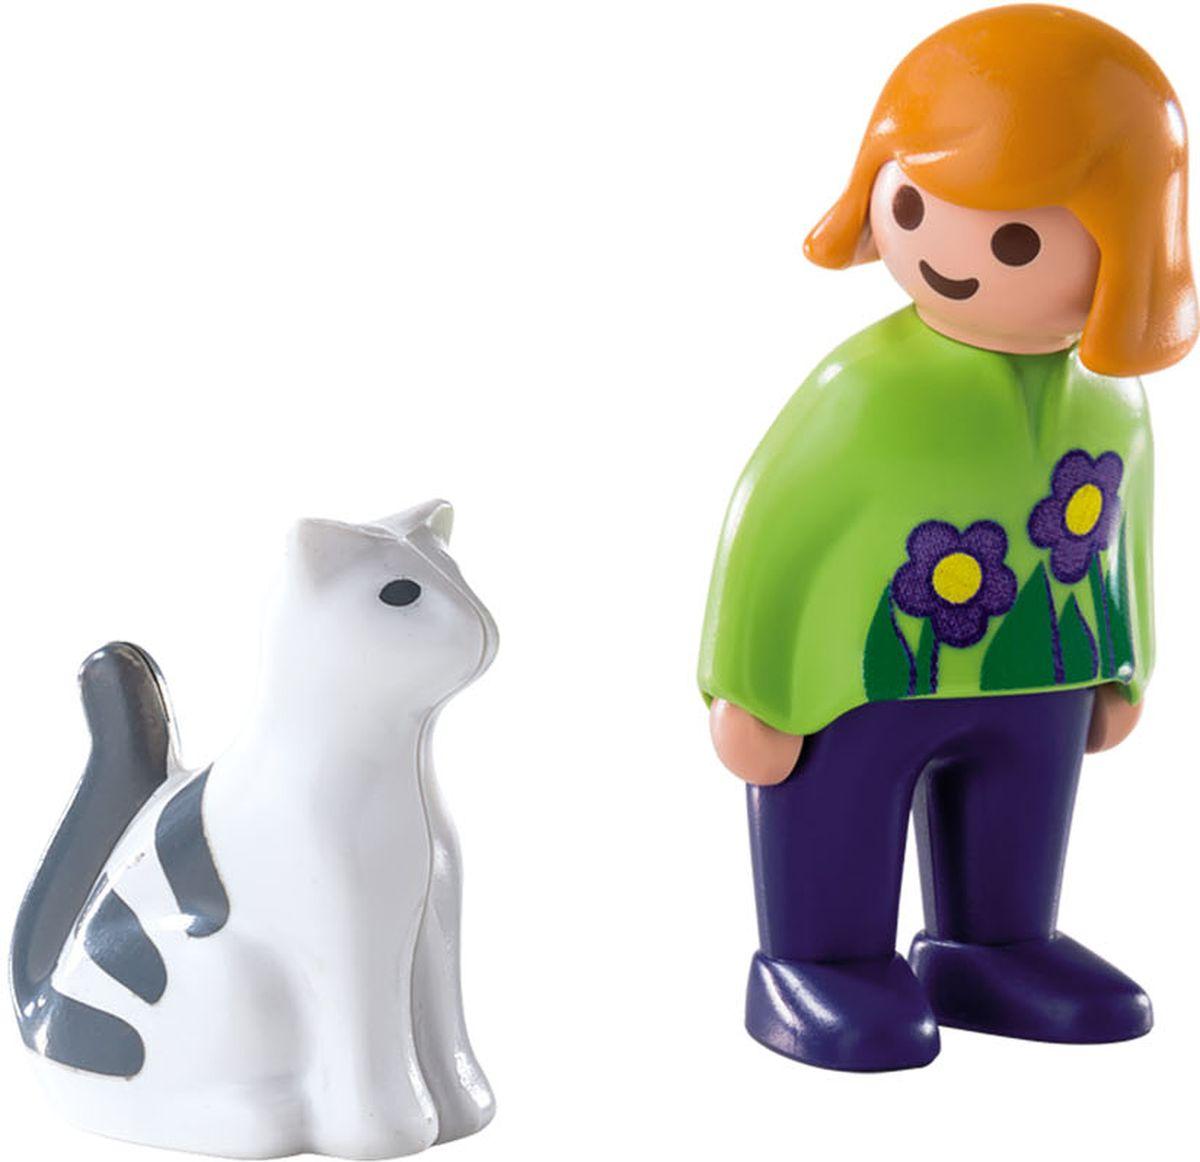 Playmobil Игровой набор Женщина с кошкой playmobil игровой набор детская клиника доктор с ребенком